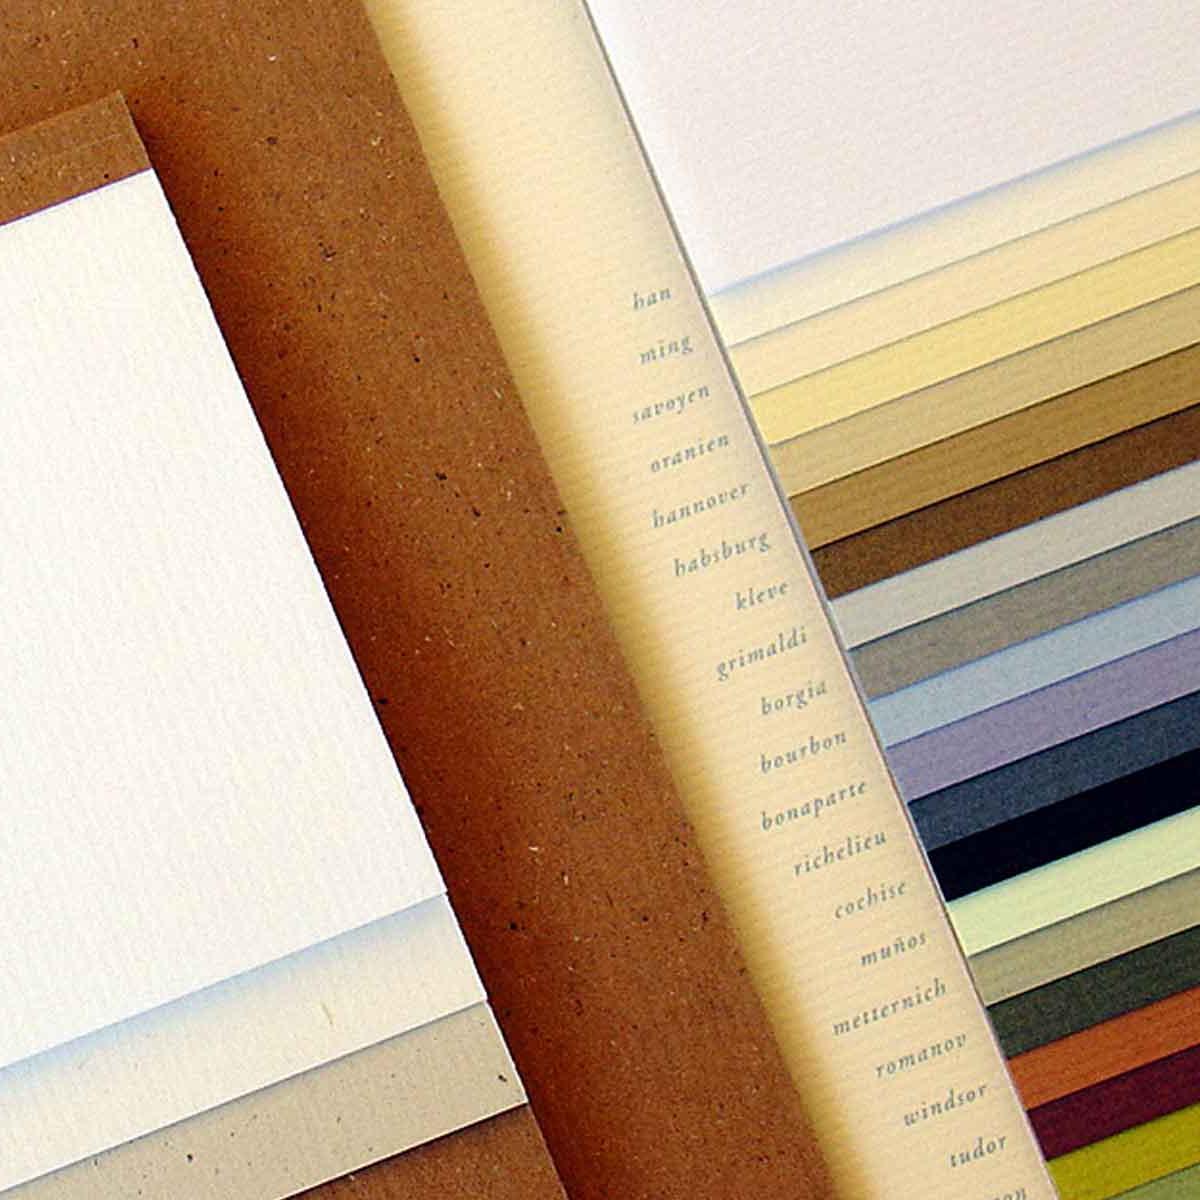 Gmund Papier, Feinstpapiere für das Corporate Design »Jennerwein«.